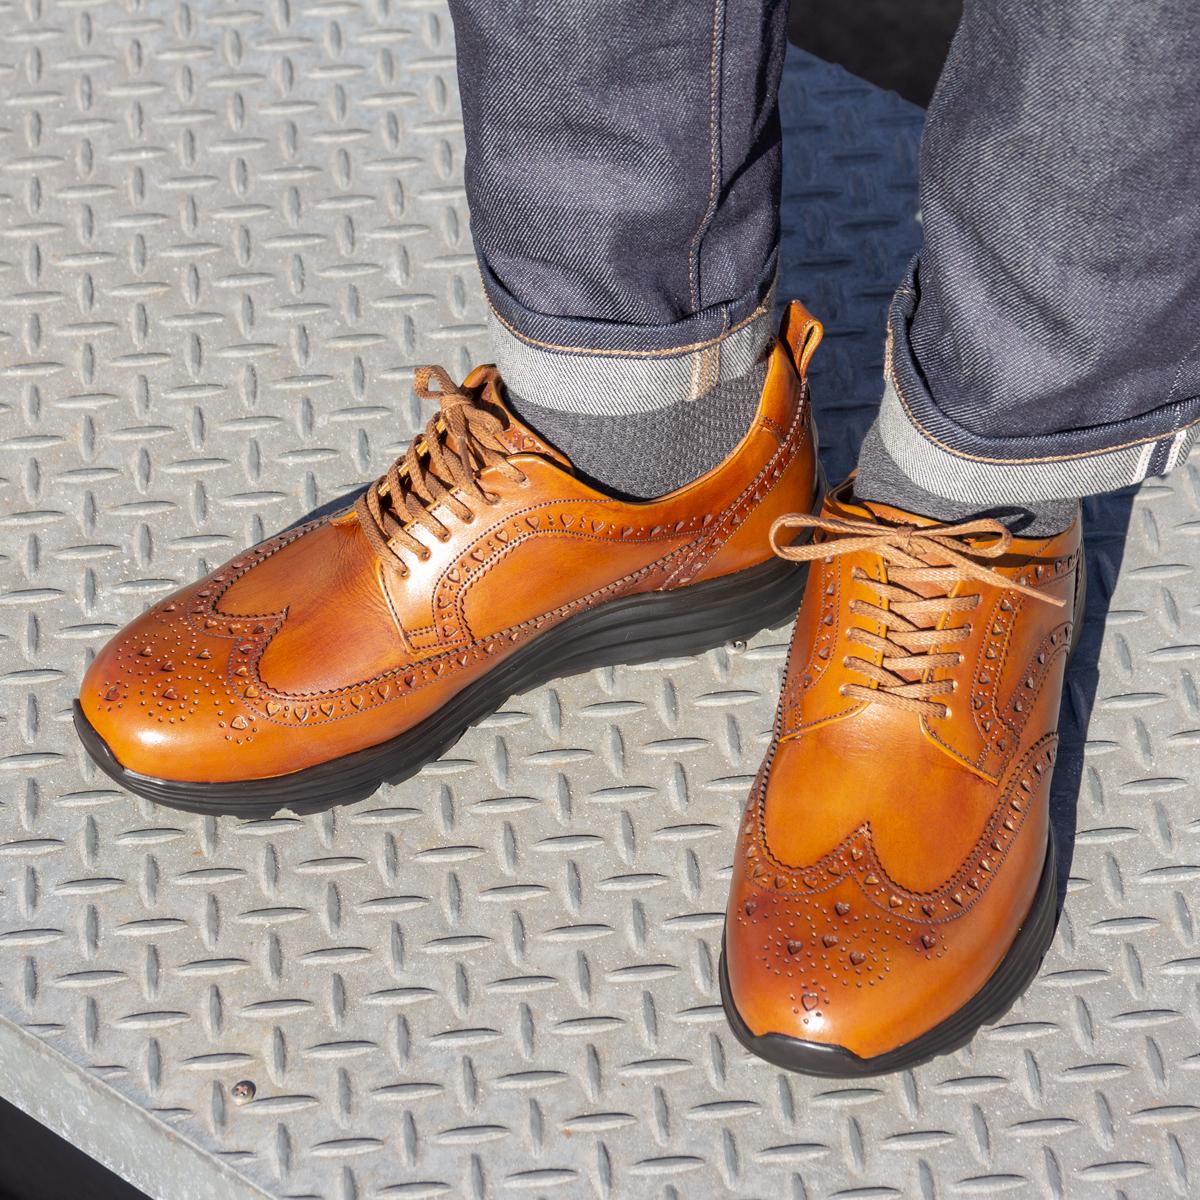 自由な発想を「紳士靴」にも!|三陽山長の新作ドレススニーカー今春発売